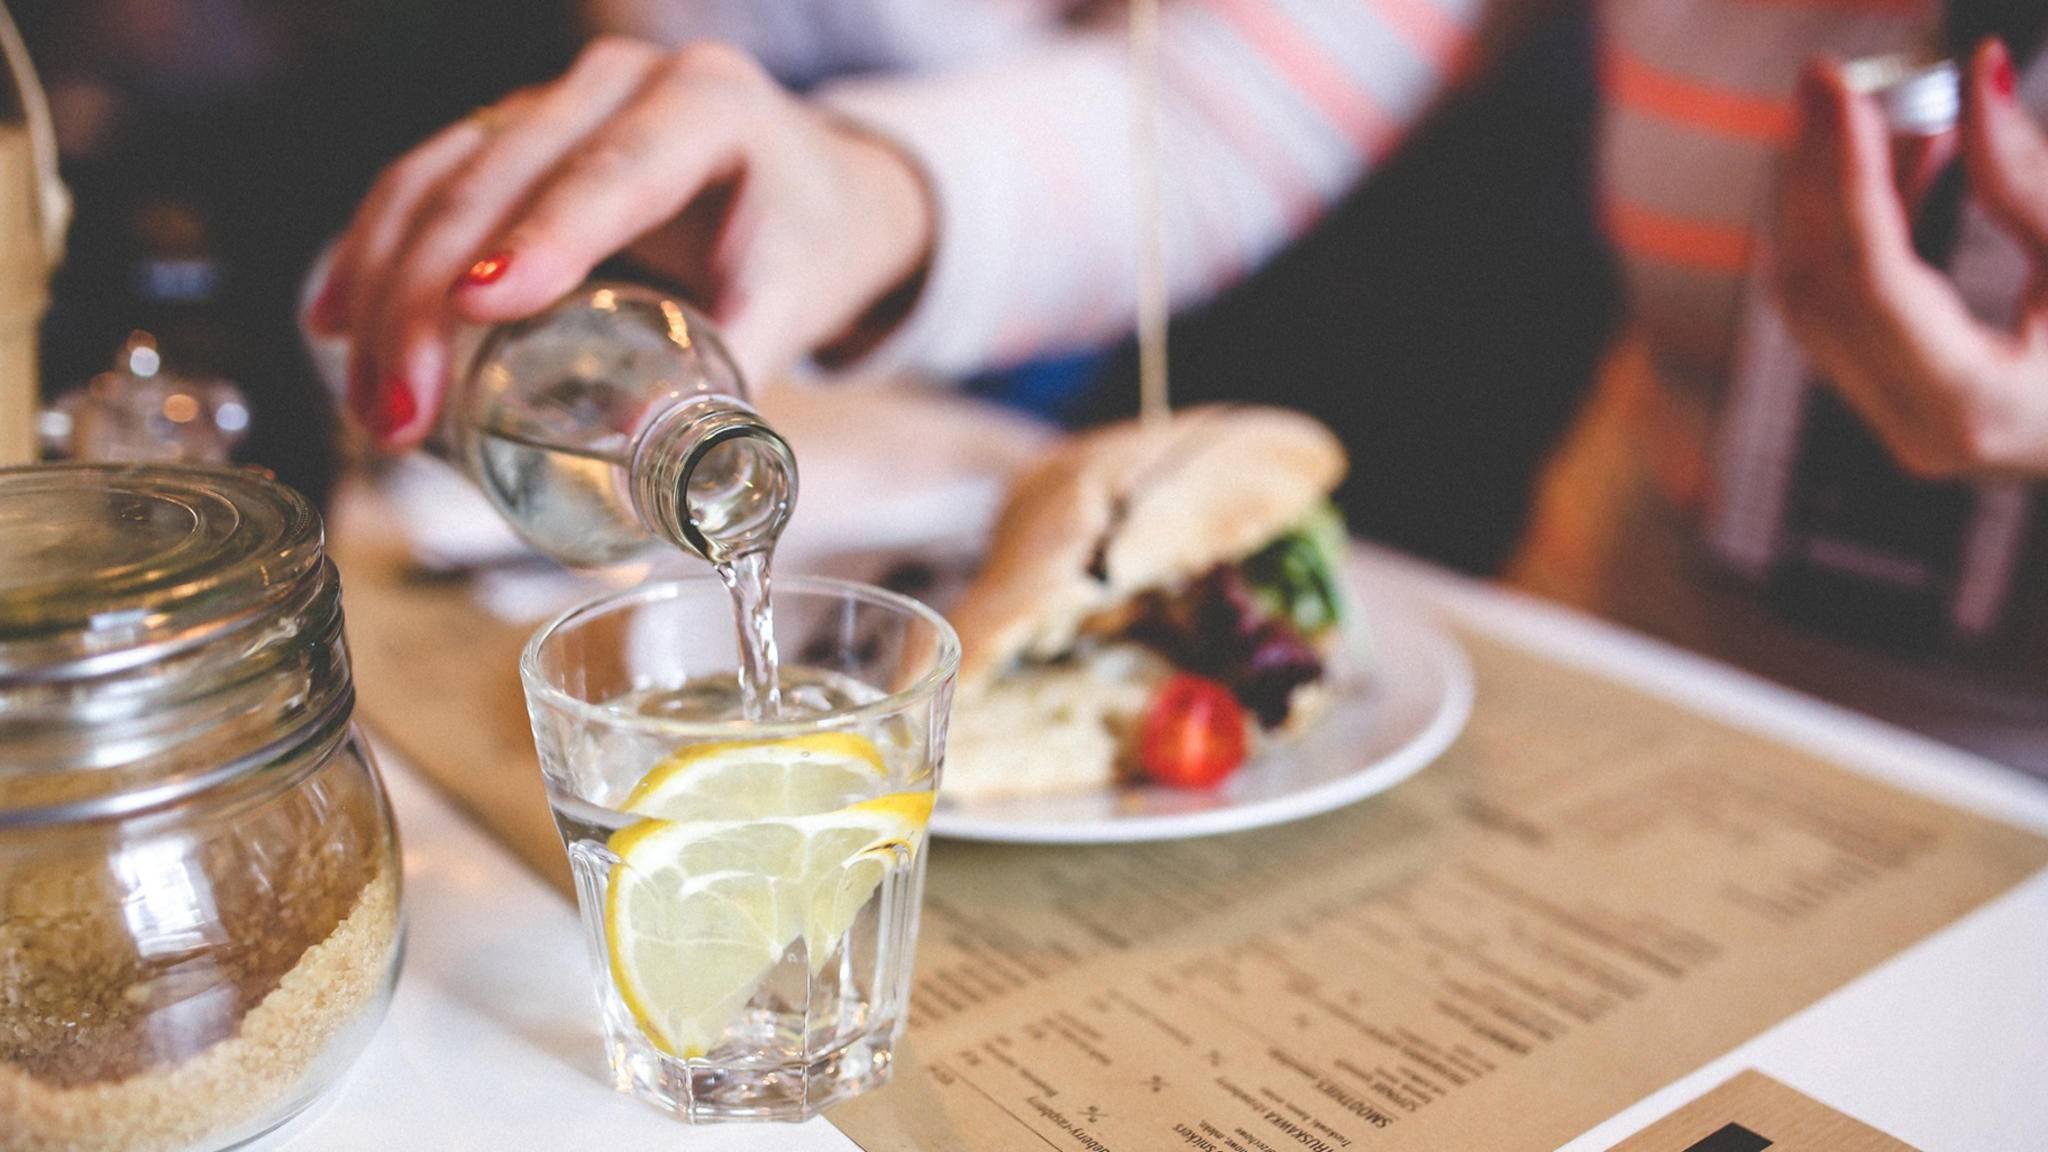 Ein Restaurantbesuch ist bei einer Diät eine Herausforderung.